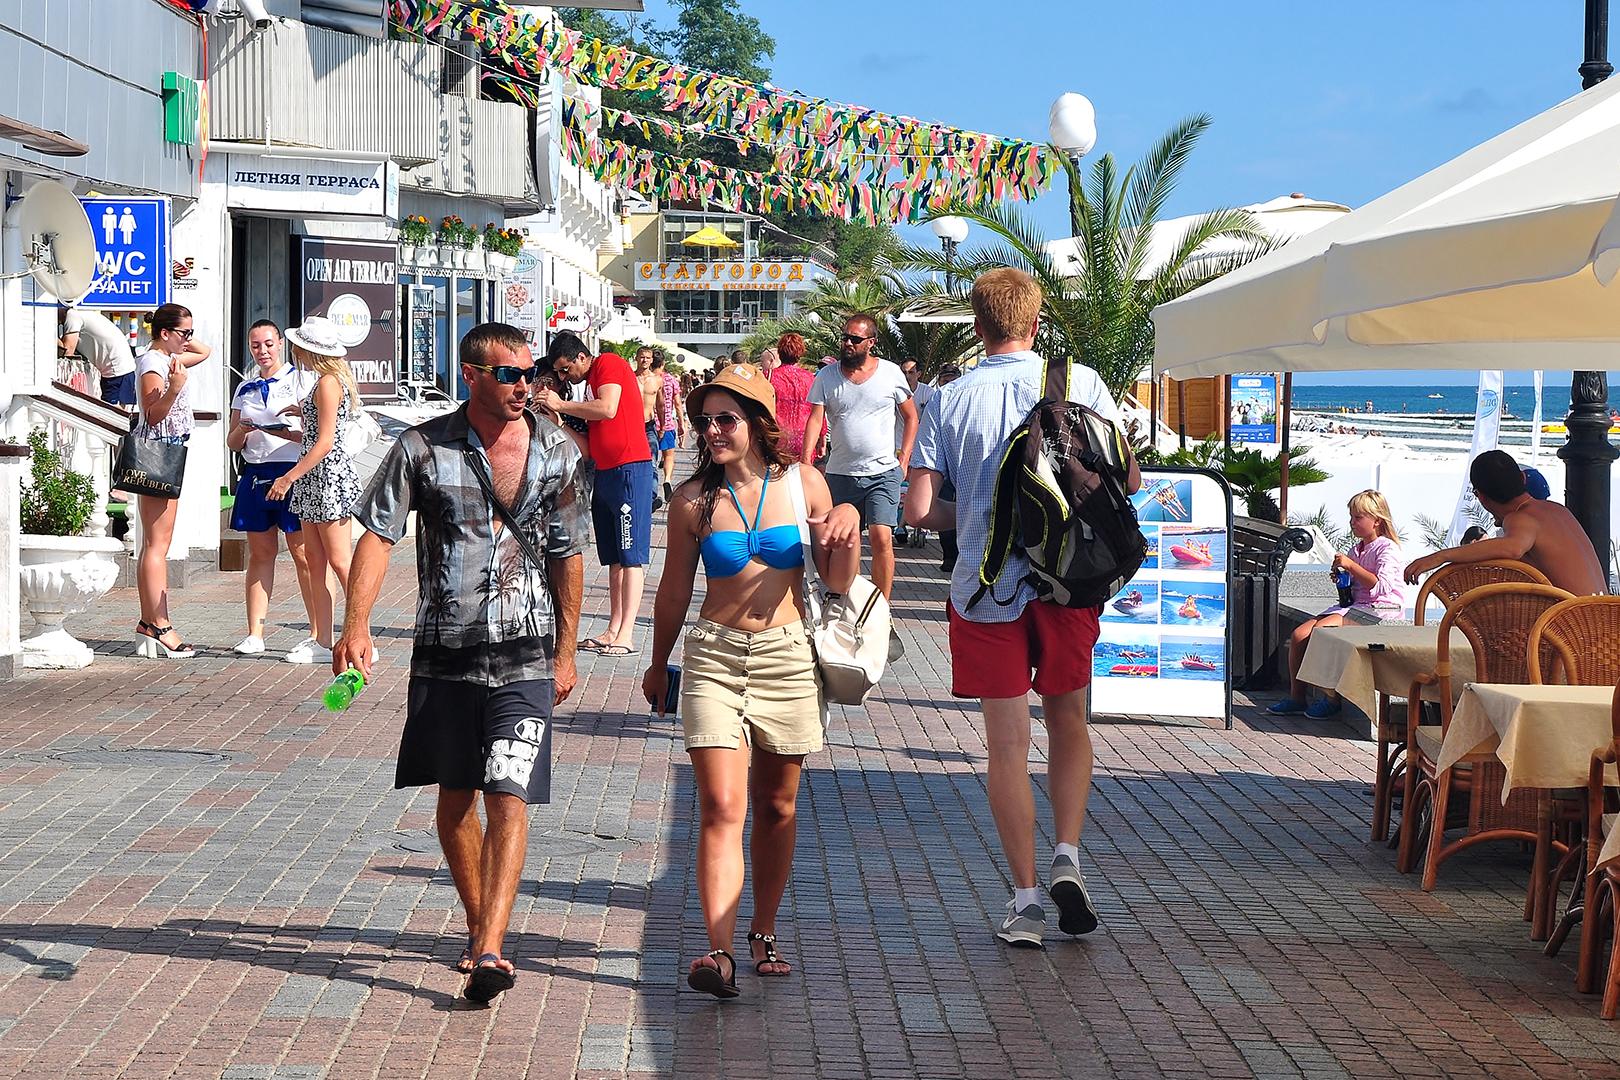 Вениамин Кондратьев: Курортный сбор недолжен воздействовать напоток туристов